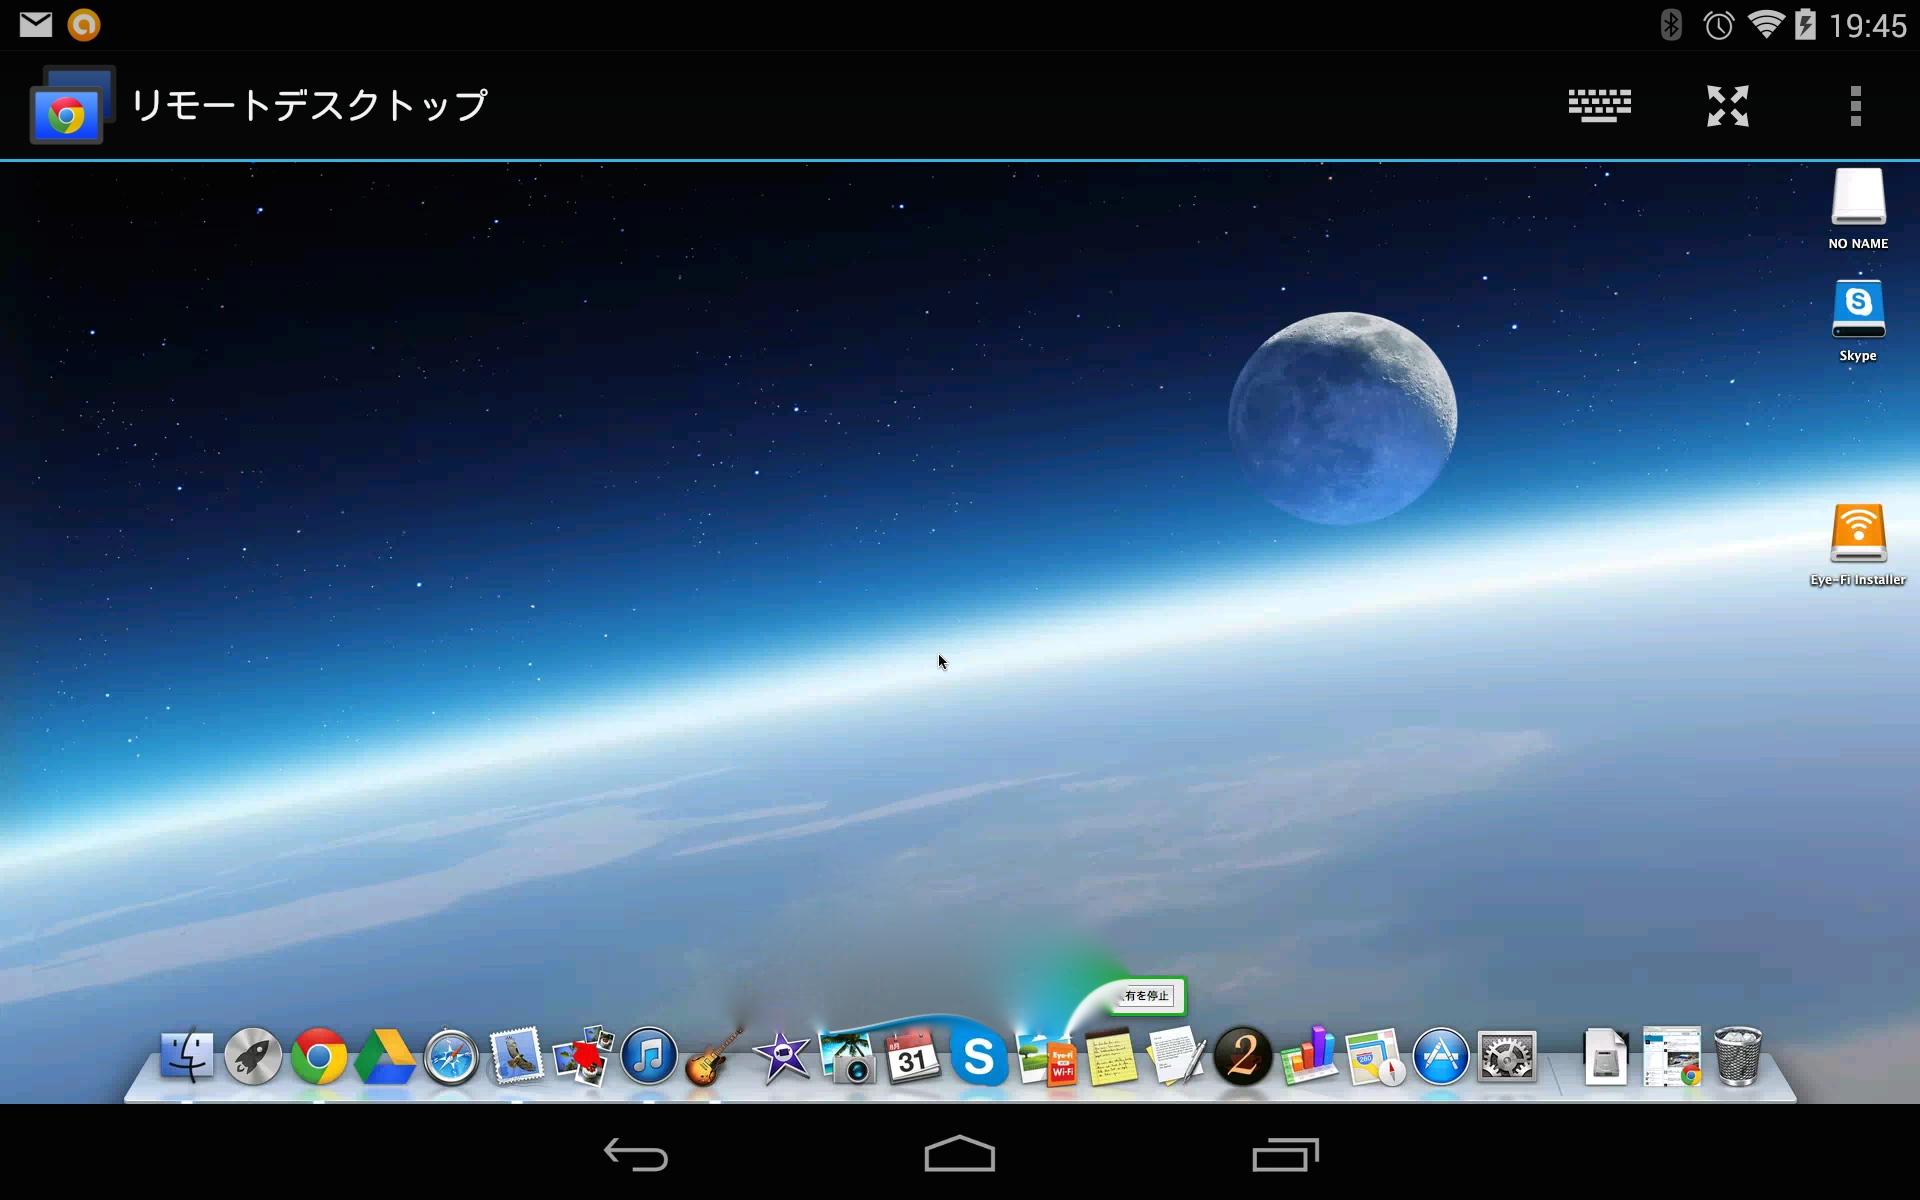 Screenshot_2014-08-31-19-46-01.jpg